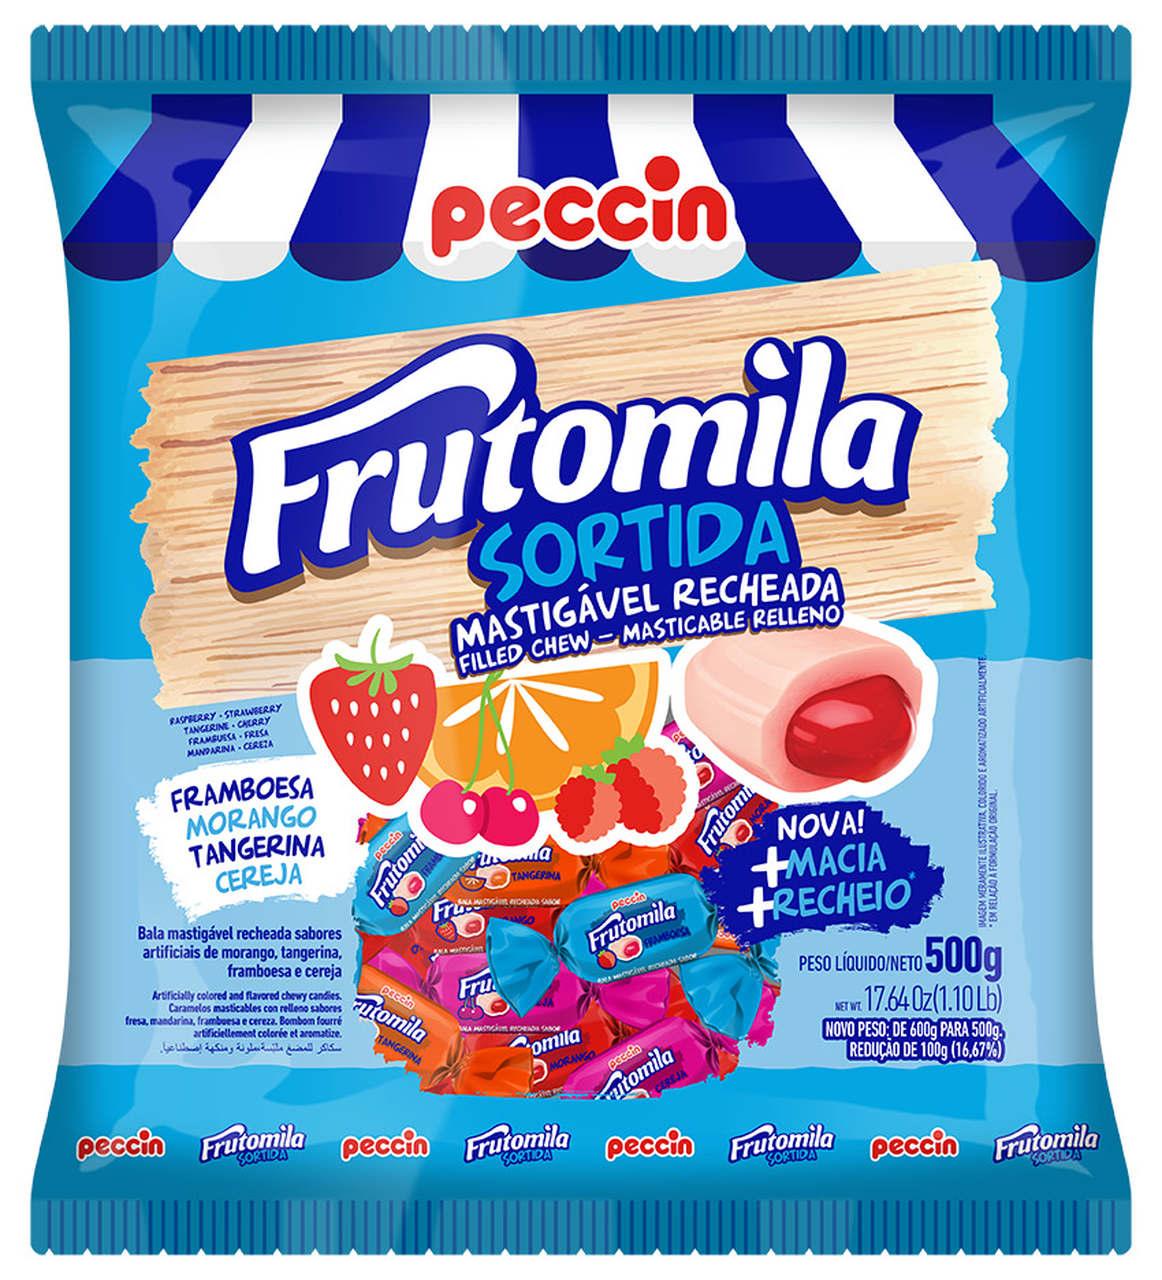 BALA PECCIN FRUTOMILA RECH.SORTIDA 500 G